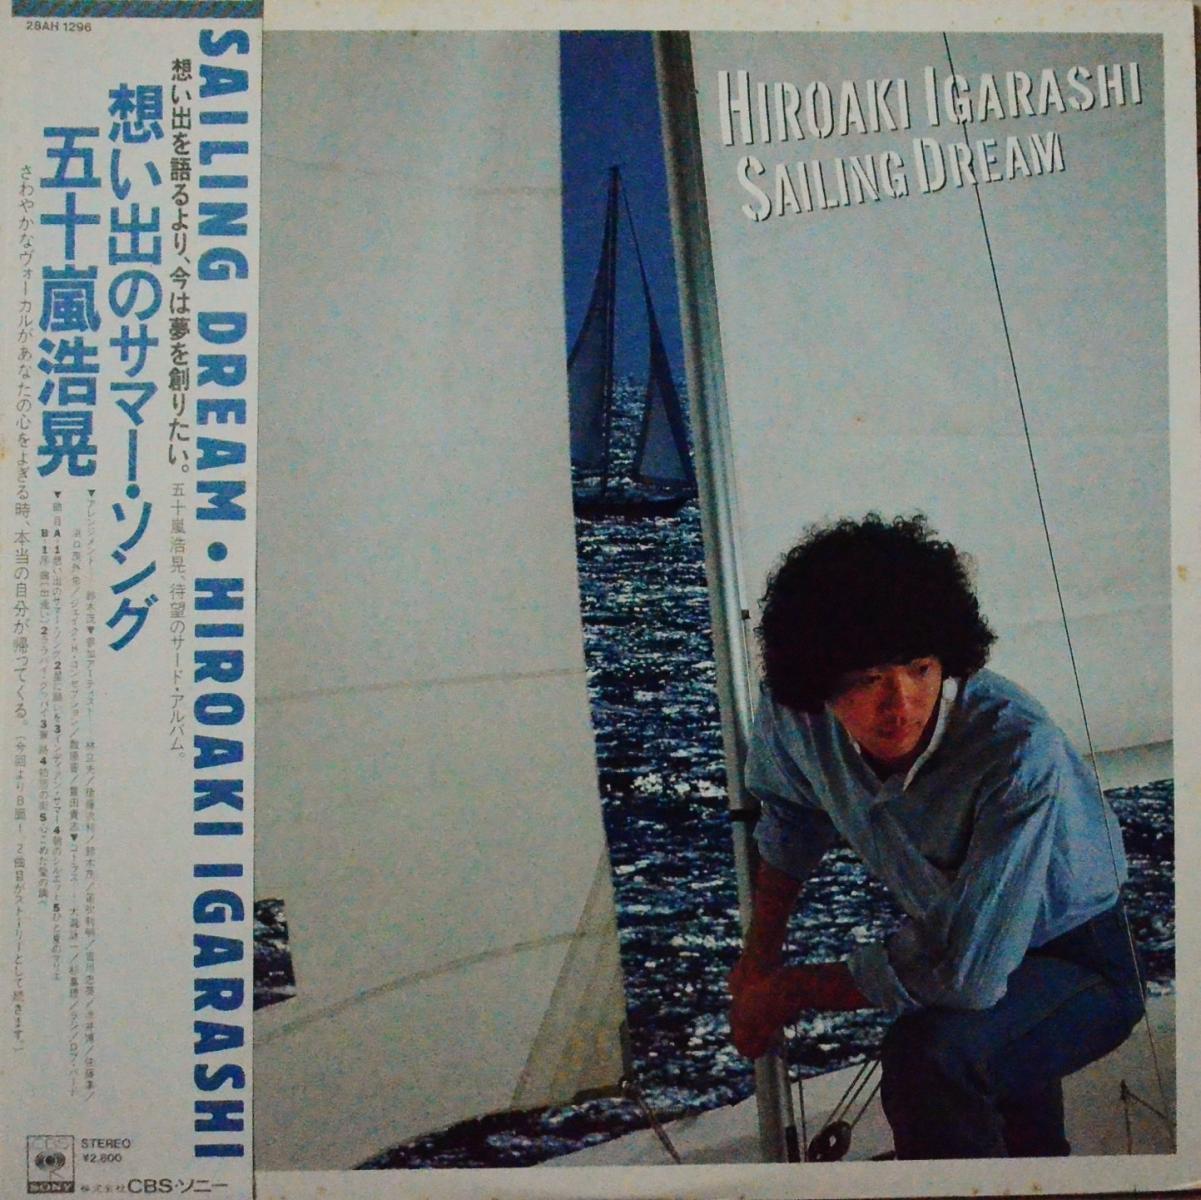 五十嵐浩晃 HIROAKI IGARASHI / 想い出のサマー・ソング SAILING DREAM (LP)